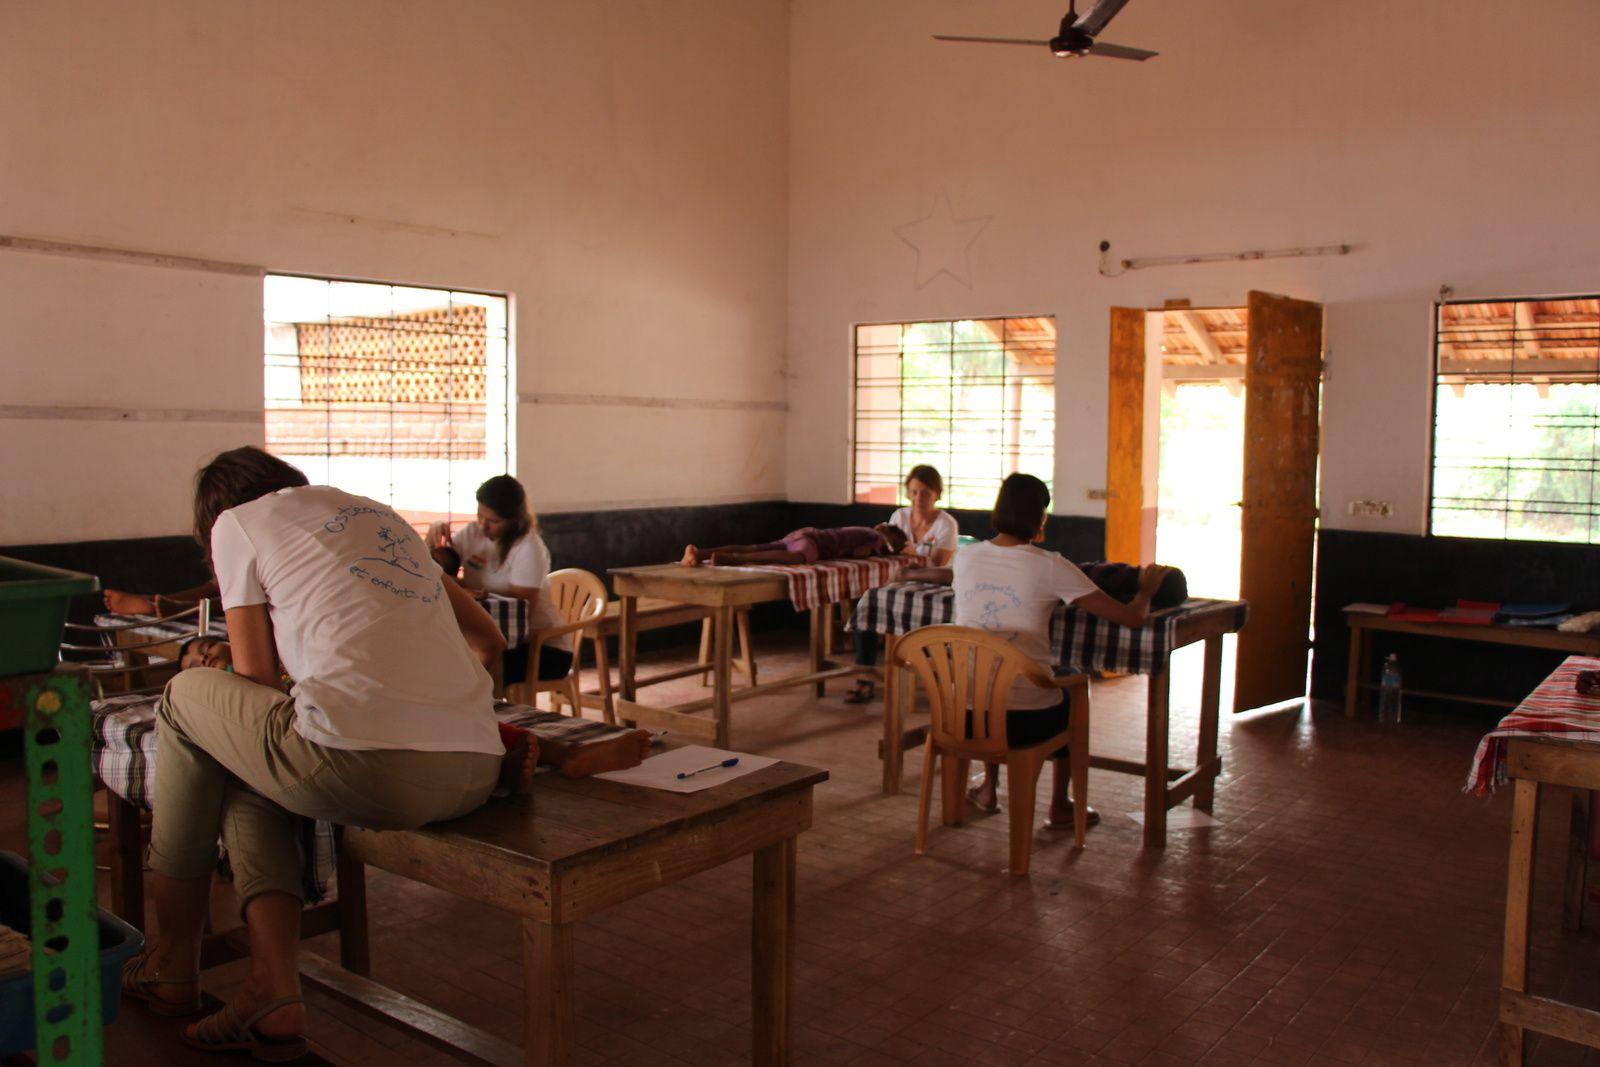 Un calme, une concentration, une osmose régnait dans cette salle, pour le bien-être des enfants